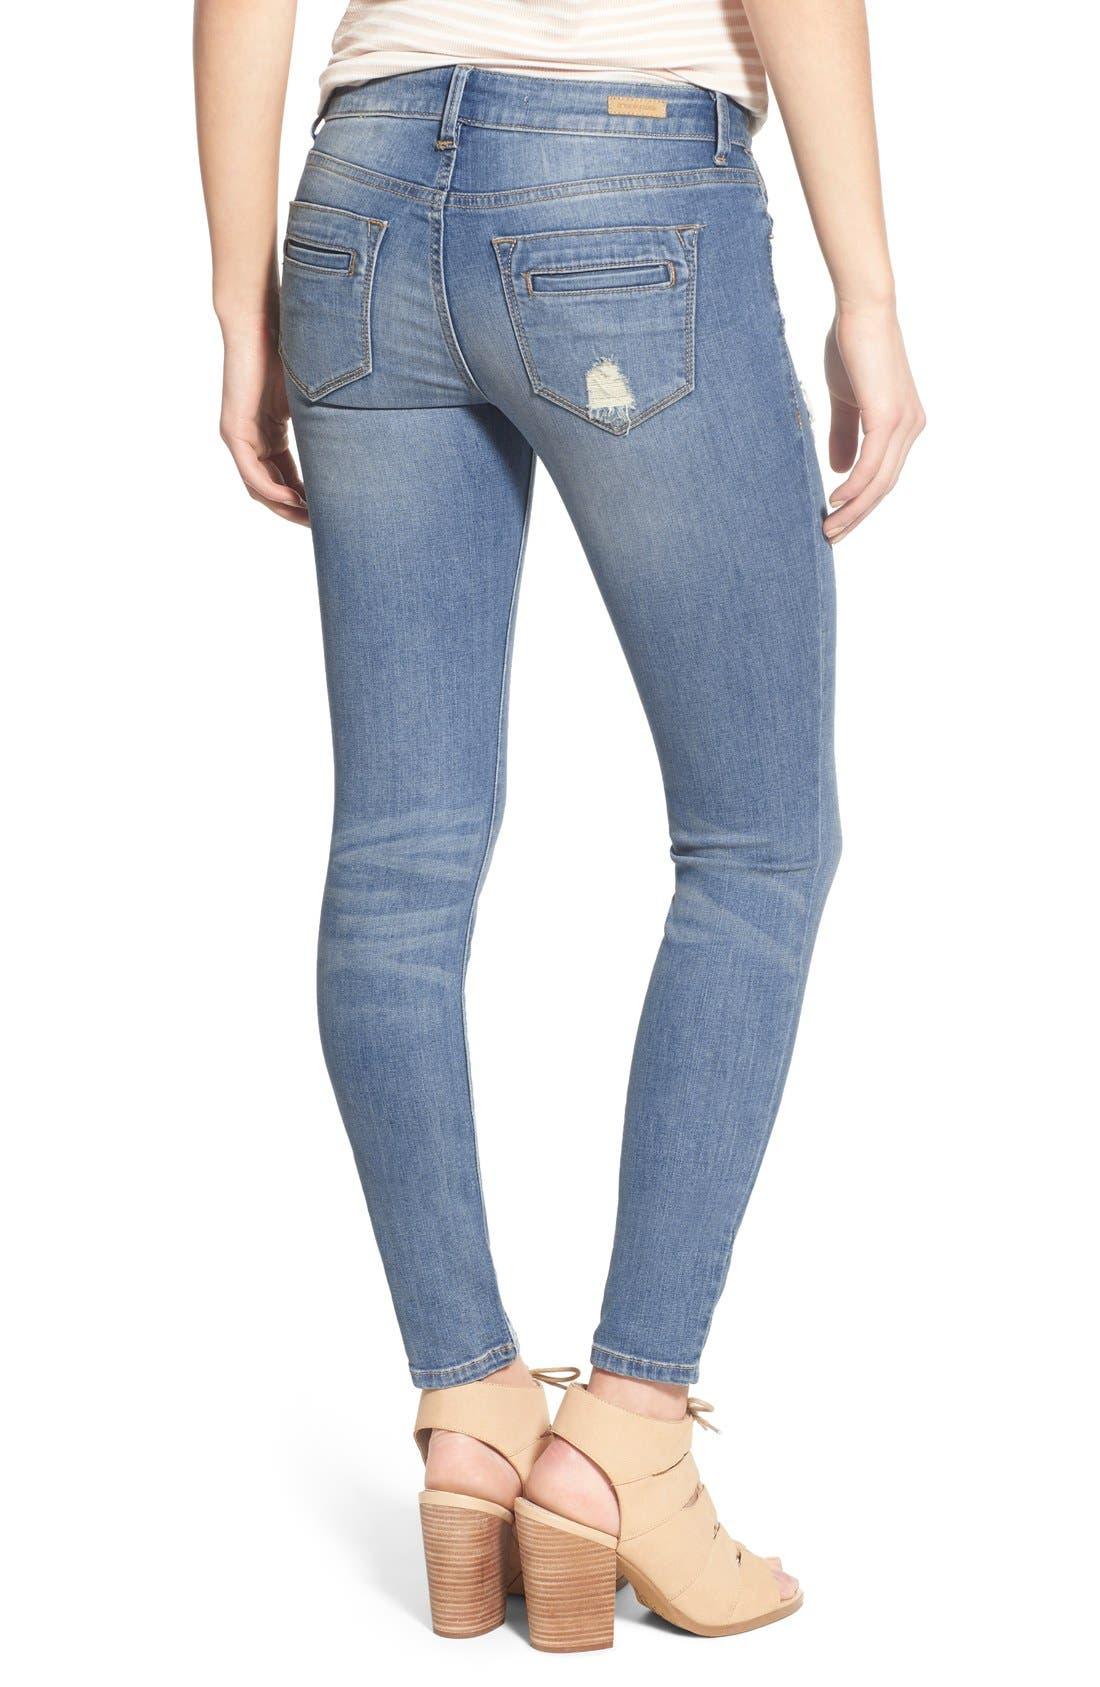 Alternate Image 2  - SP Black Distressed Skinny Jeans (Light Wash)